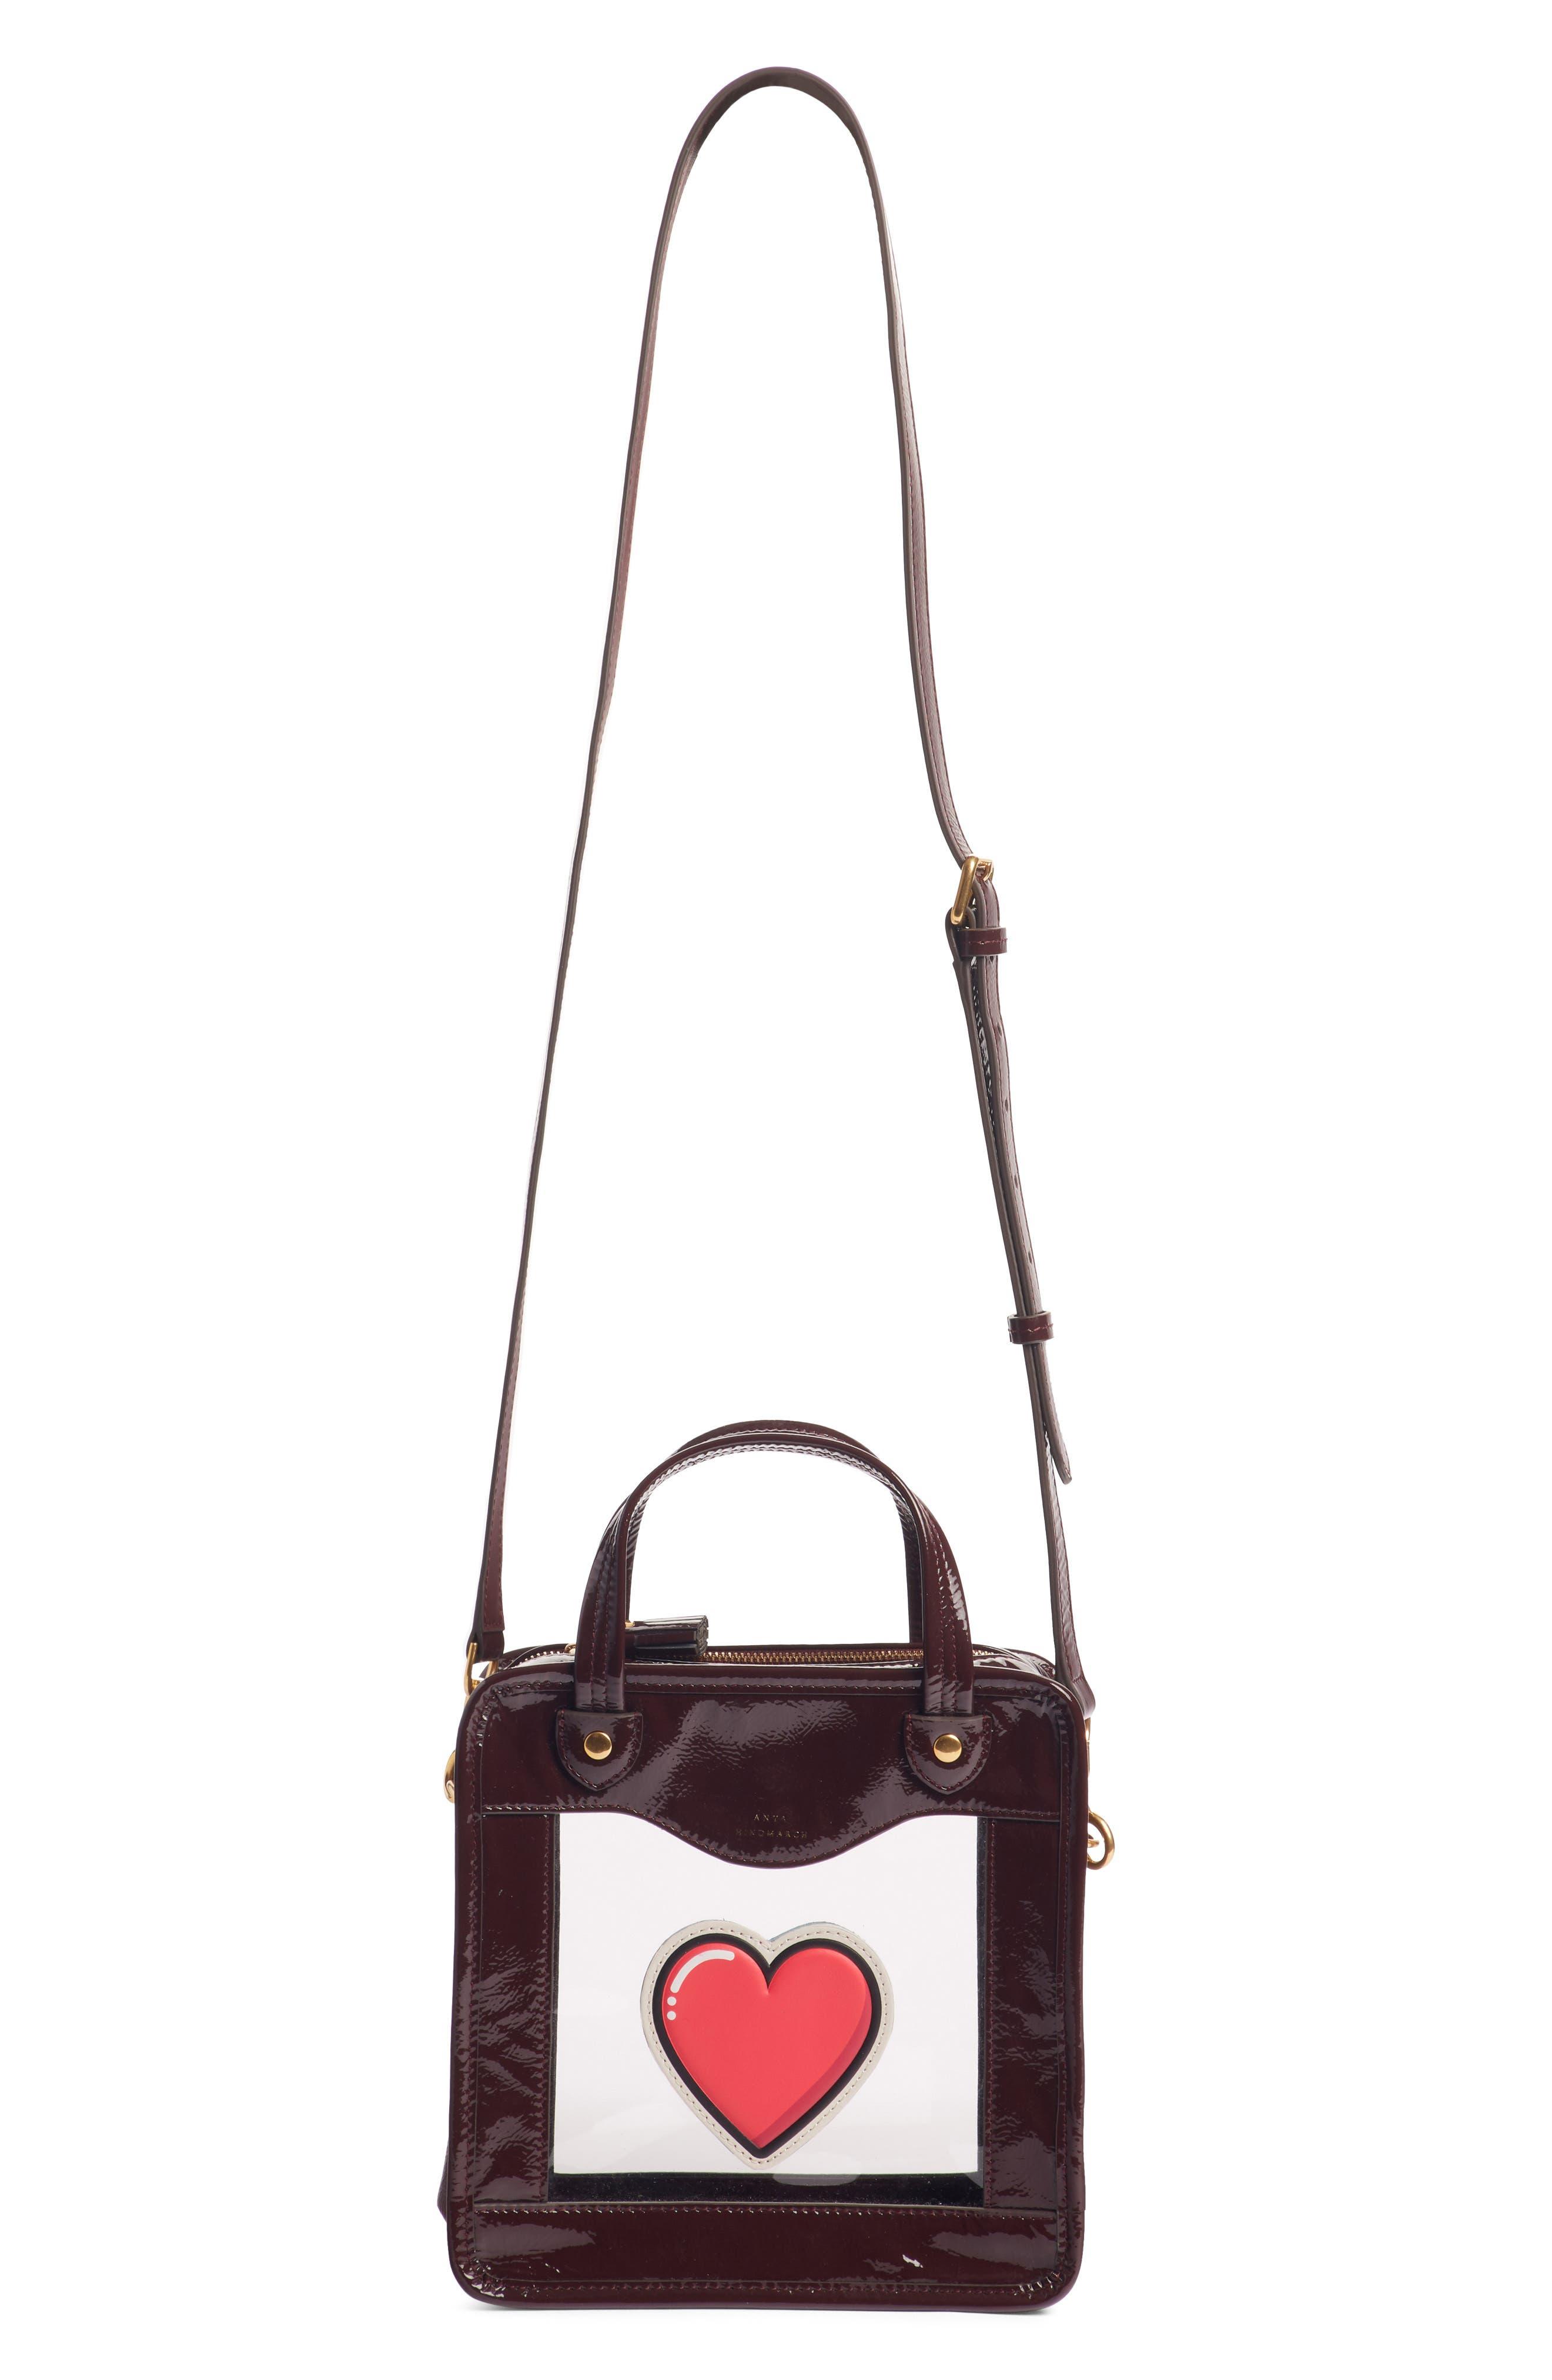 Rainy Day Heart Crossbody Bag,                             Main thumbnail 1, color,                             CLARET